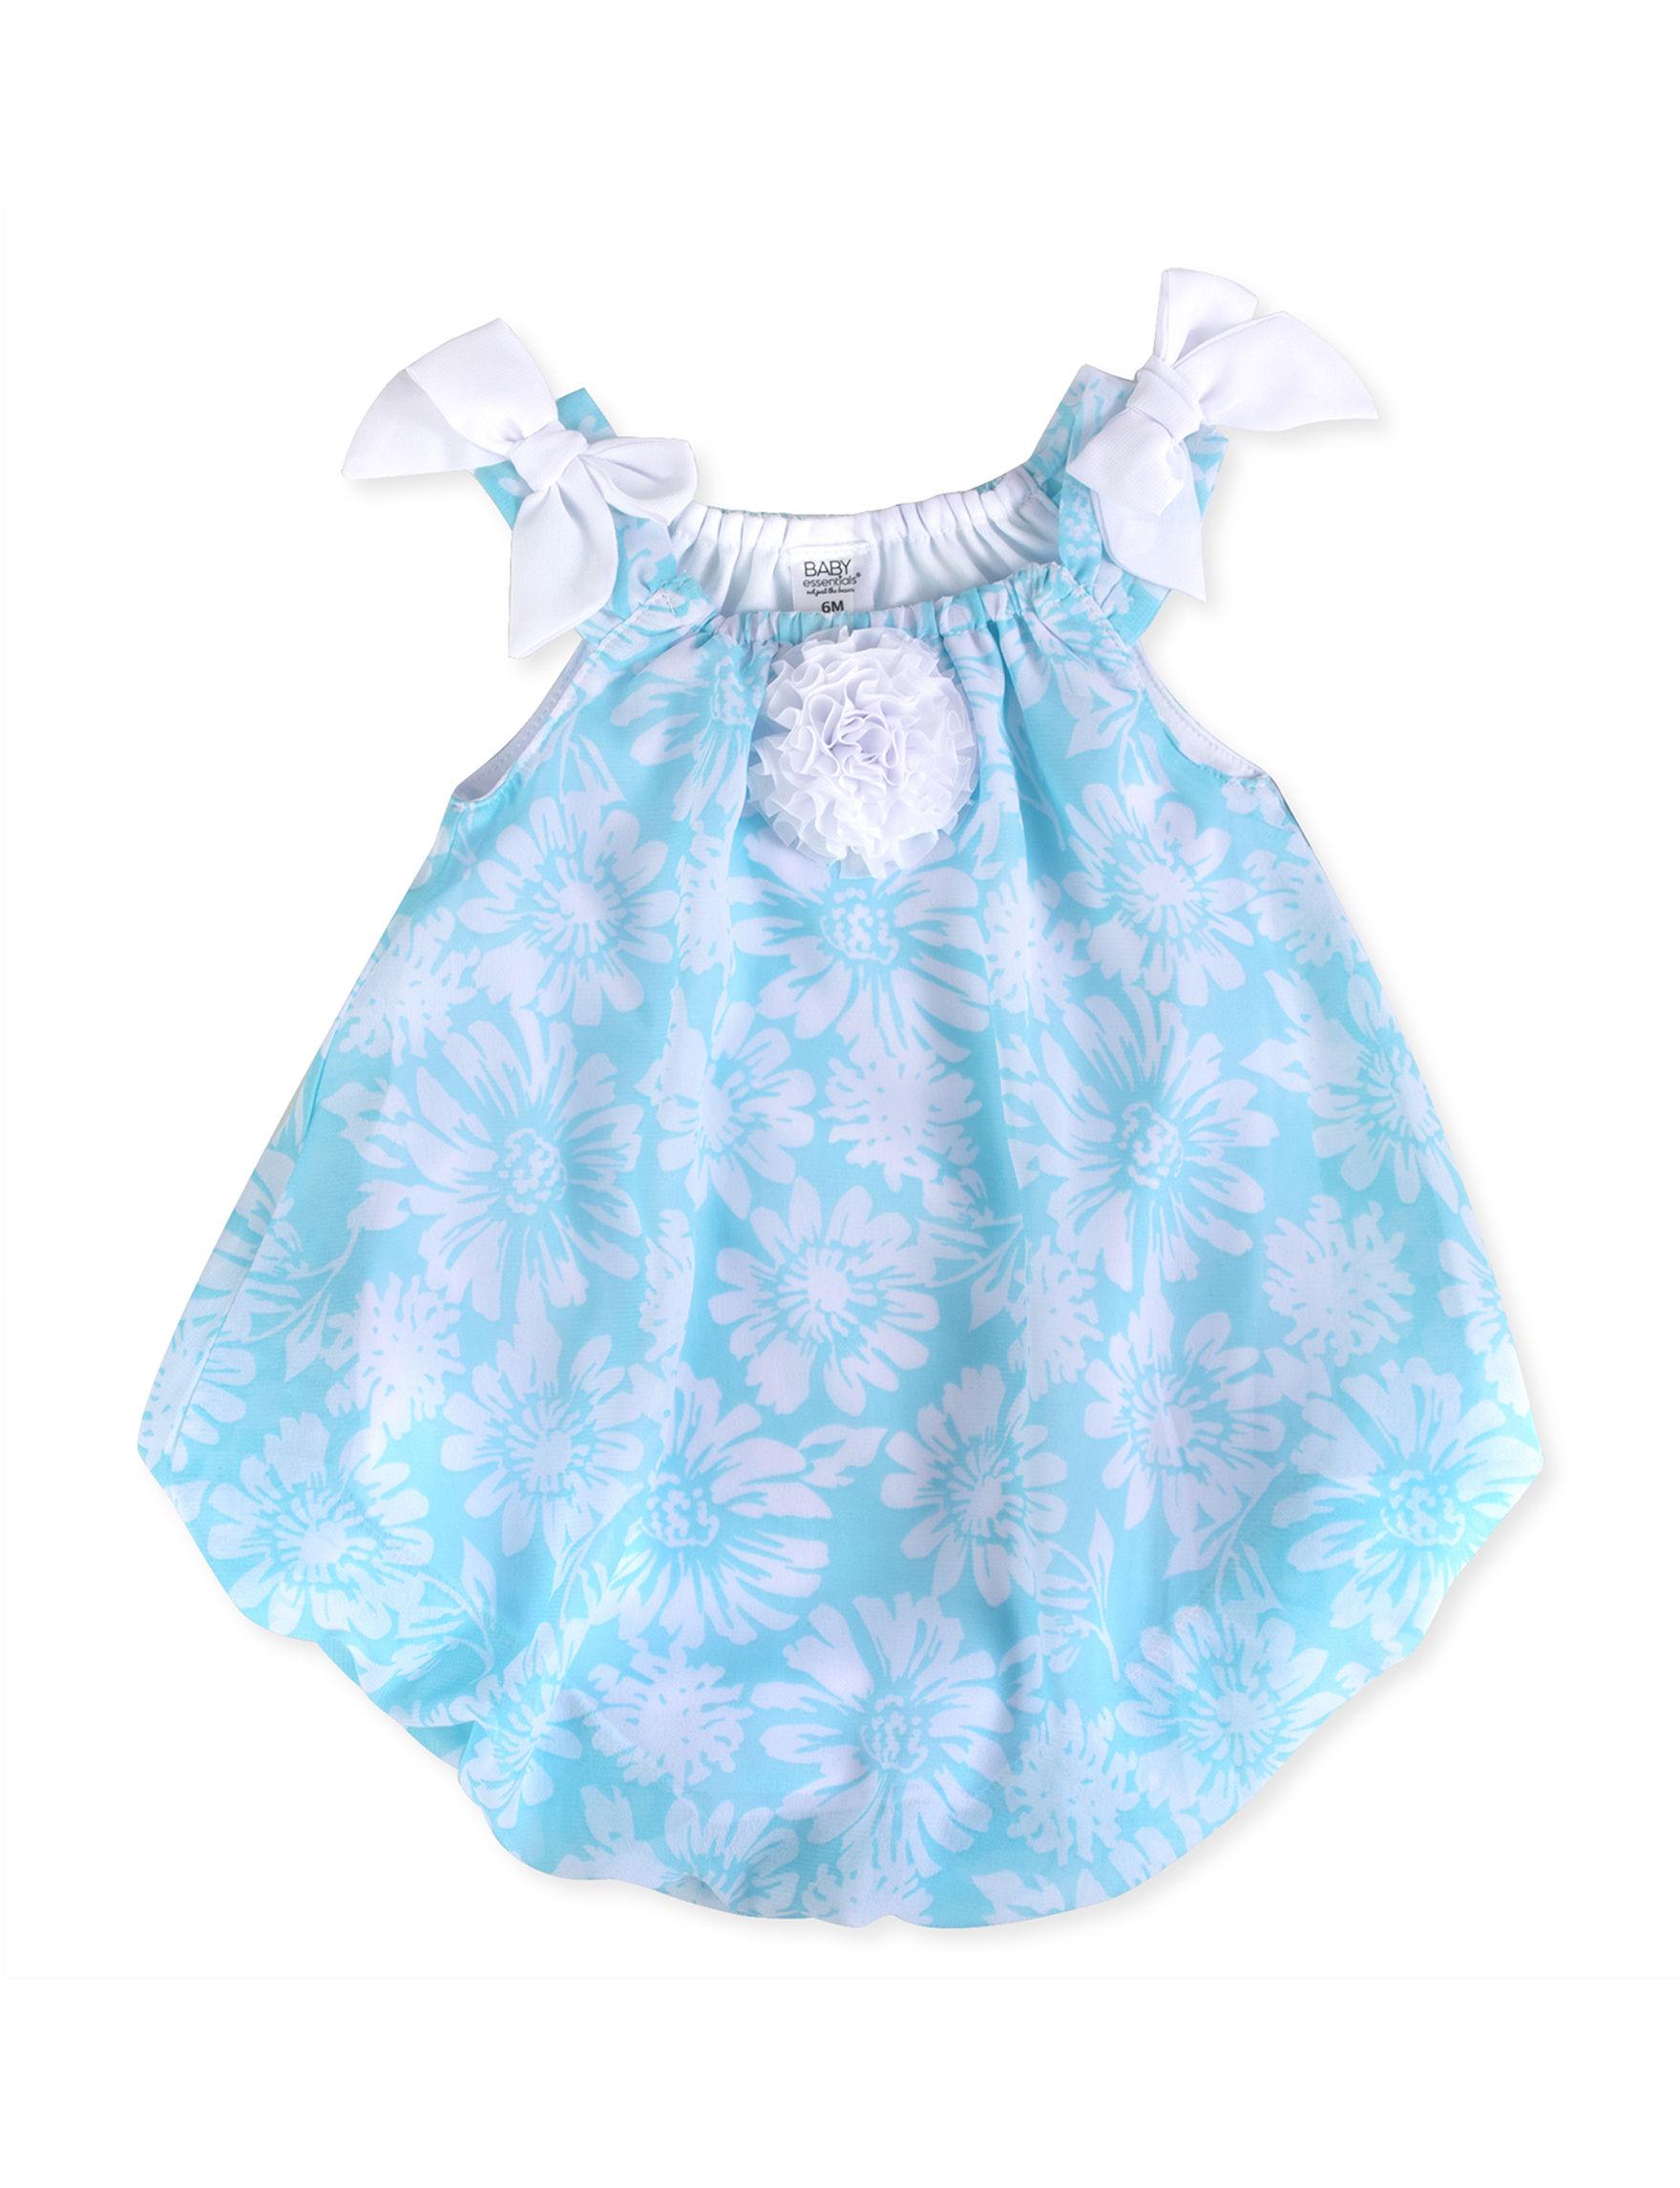 Baby Essentials Aqua / White